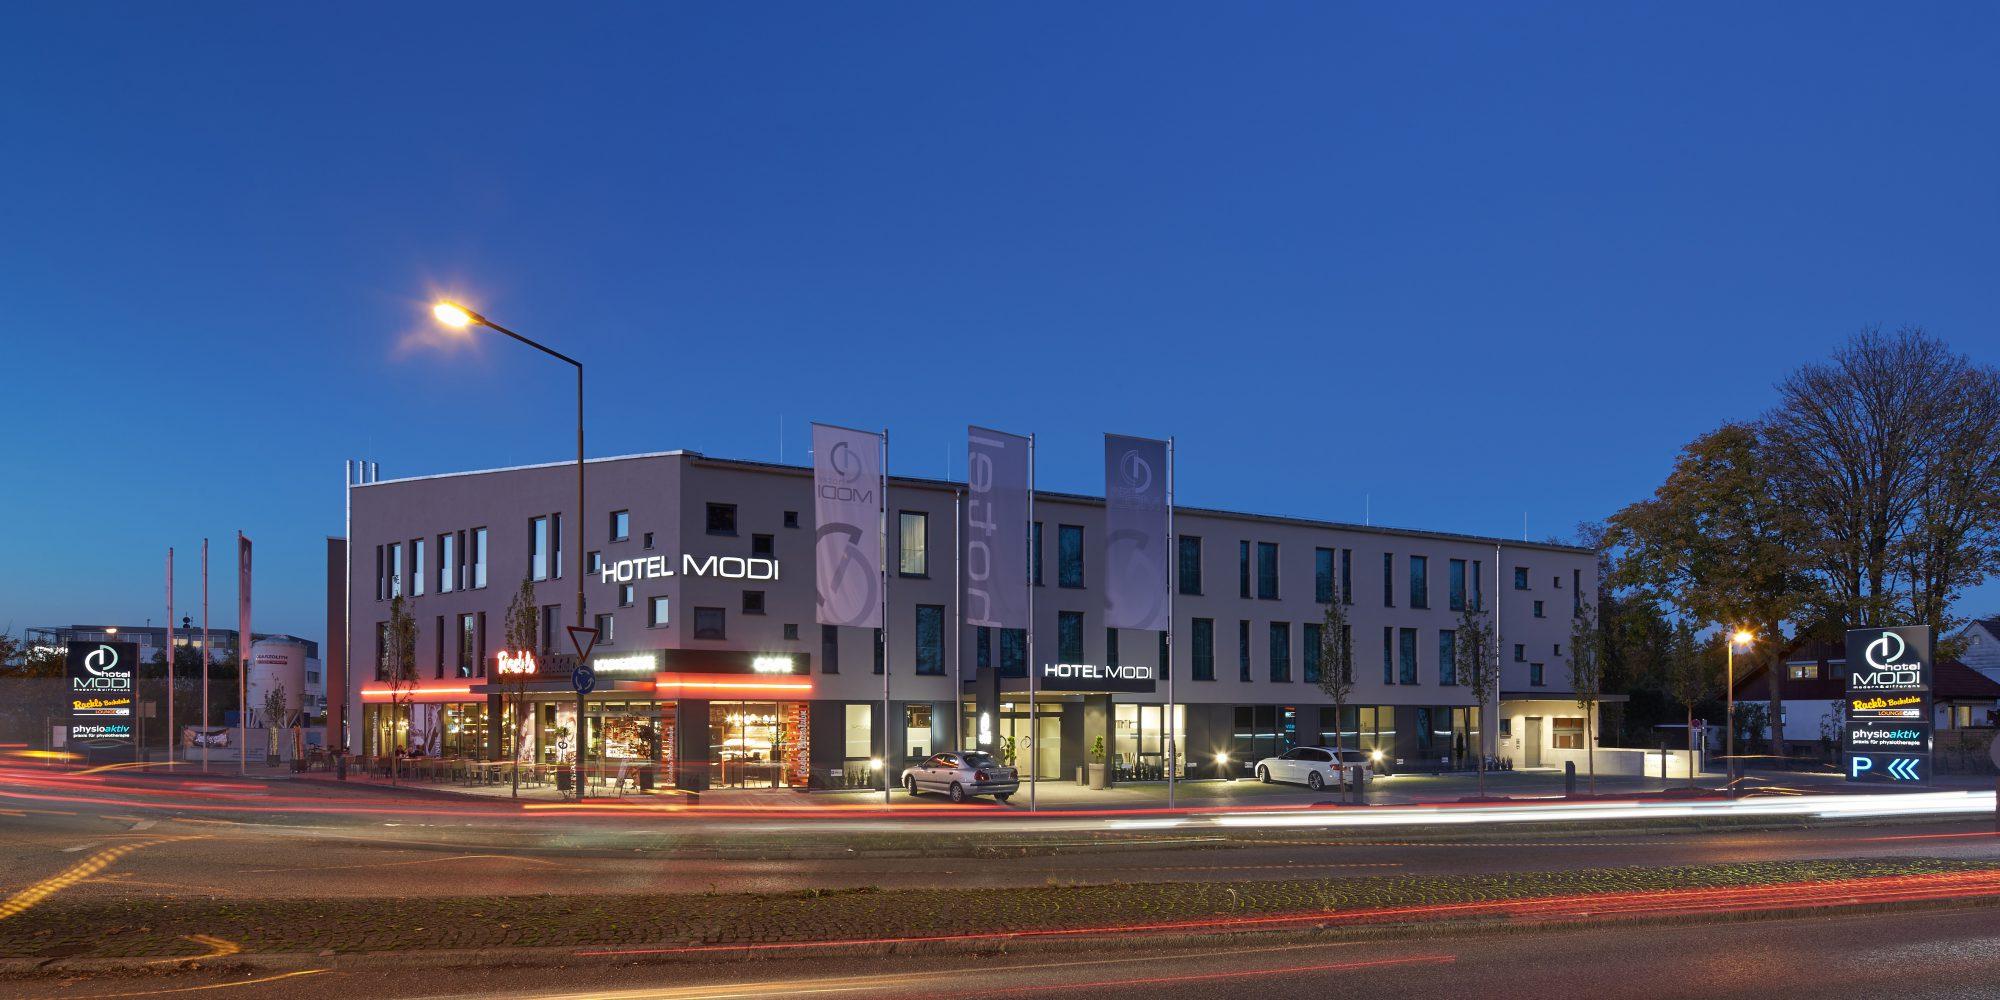 Hotel MODI Außenansicht